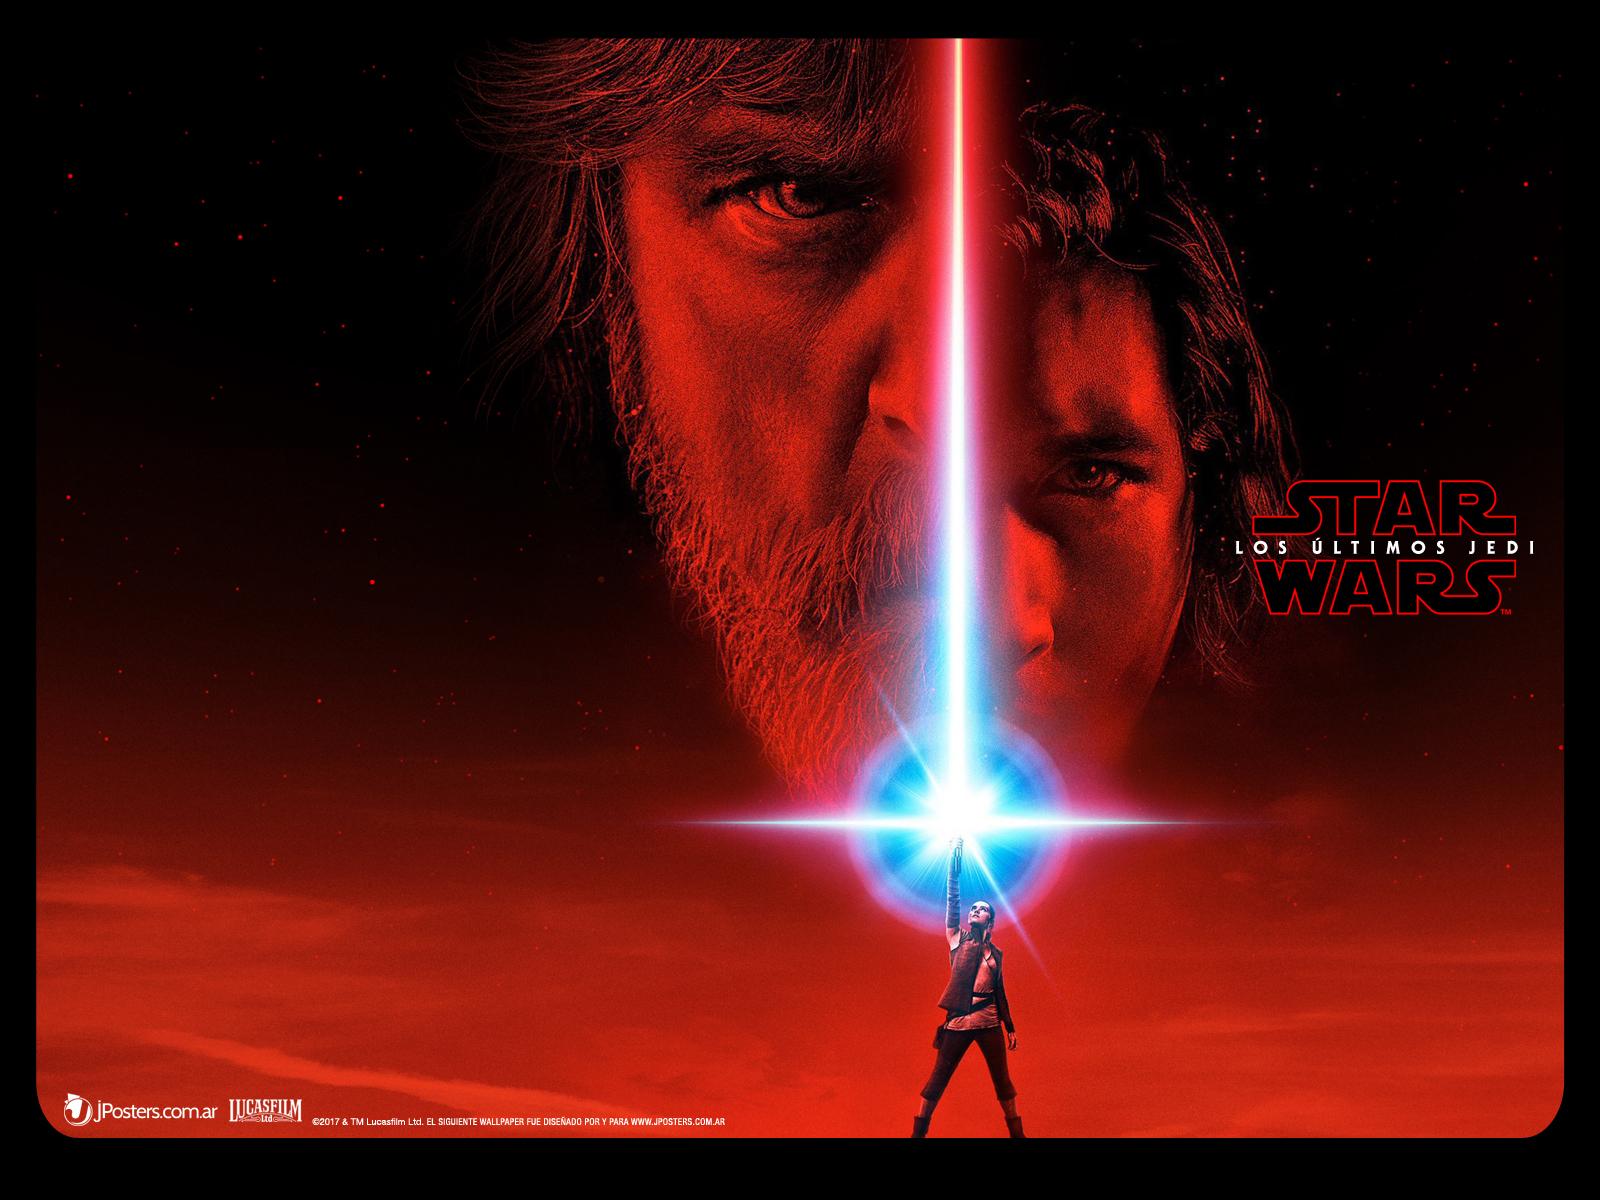 star-wars-los-ultimos-jedi-imagenes-filtradas-revelan-nuevos-personajes-de-la-primera-orden-spoilers-original